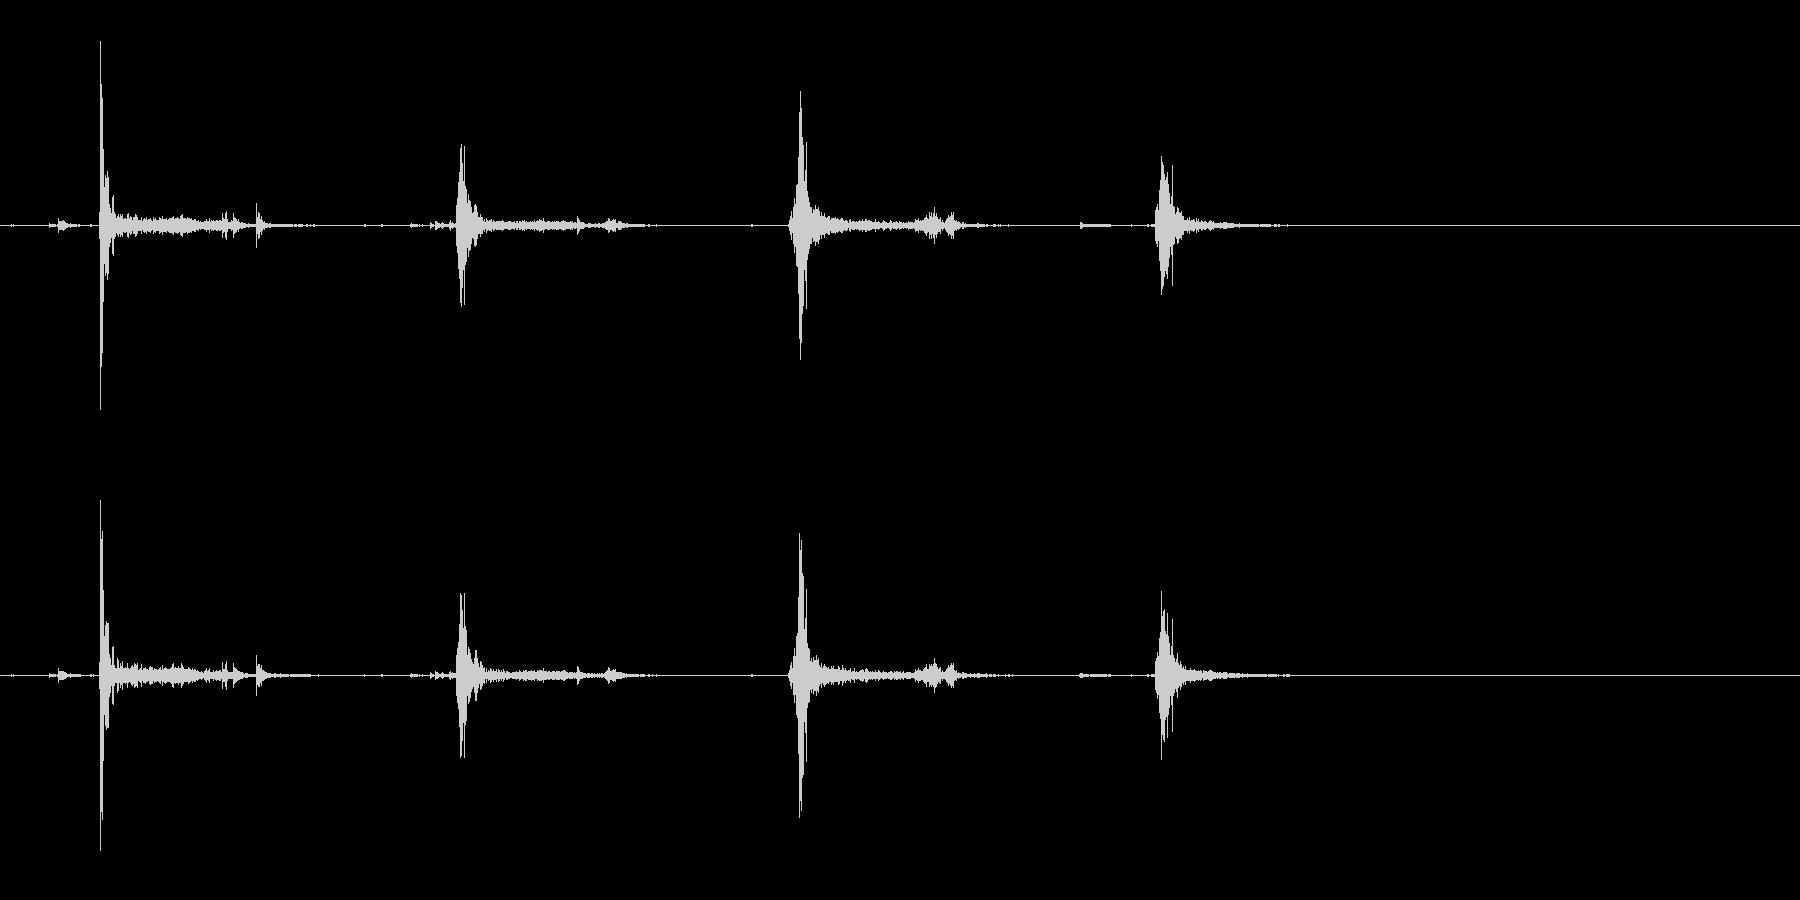 [生録音]カードをシャッフルする02の未再生の波形